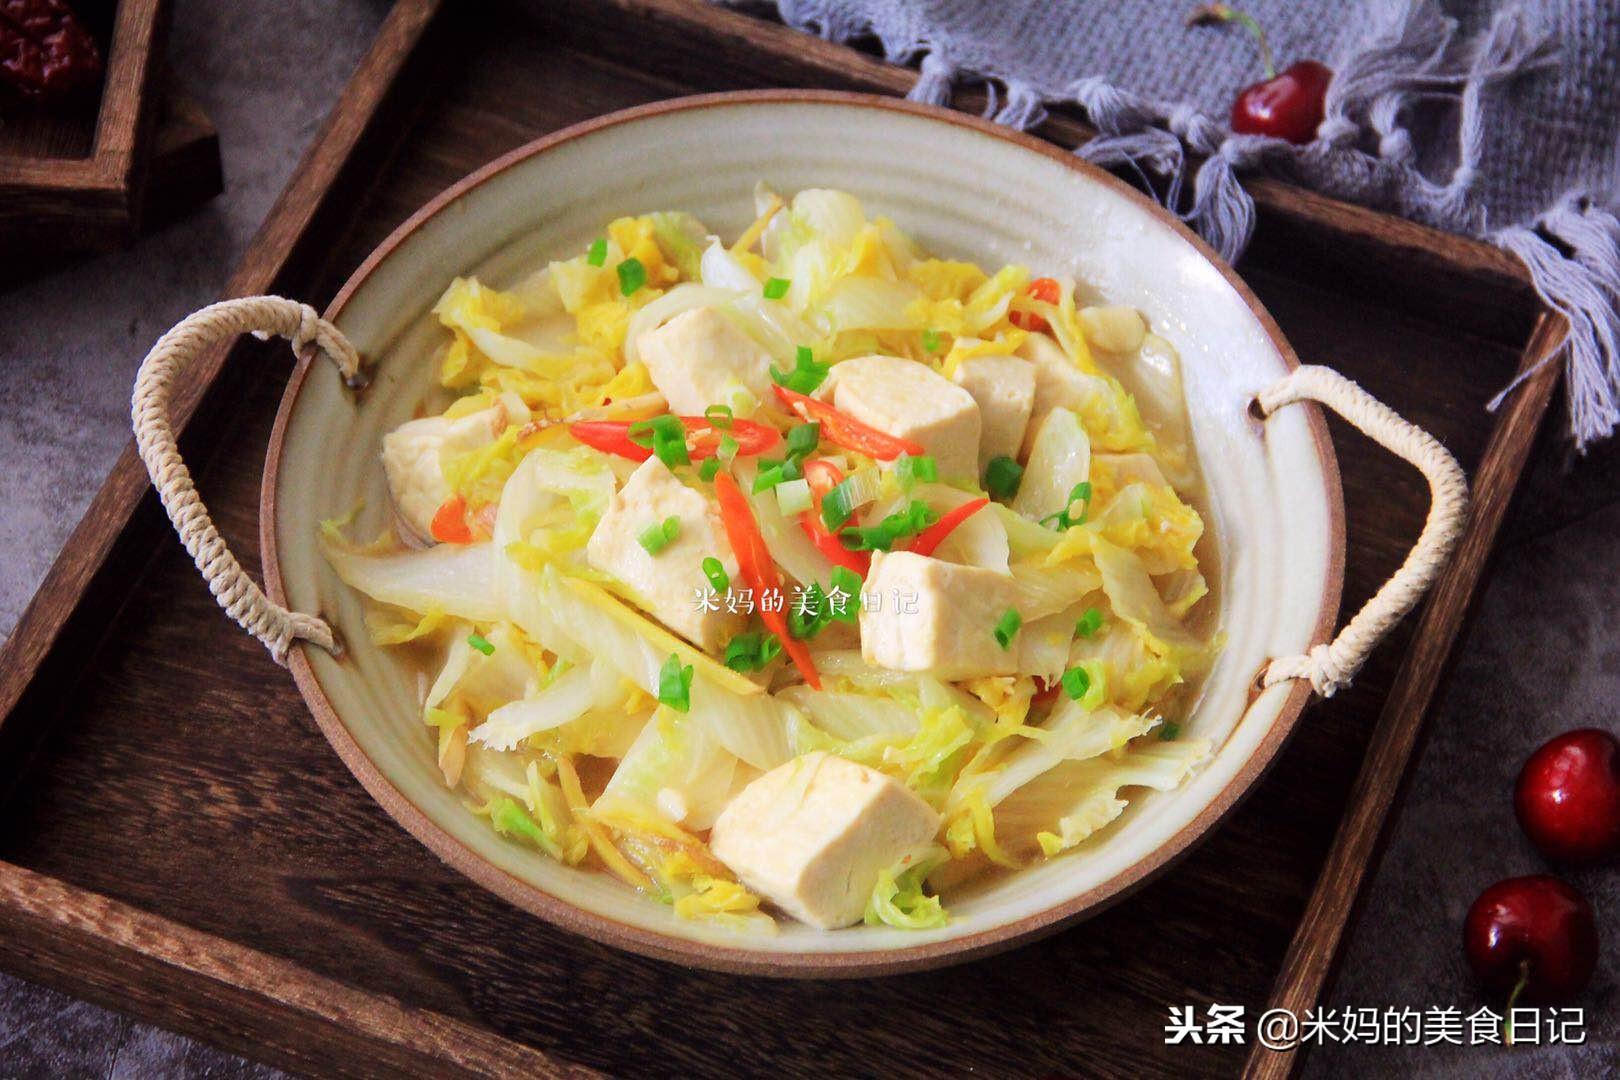 白菜炖豆腐做法步骤图 和它一起烧比吃肉还香孩子吃补充钙质长